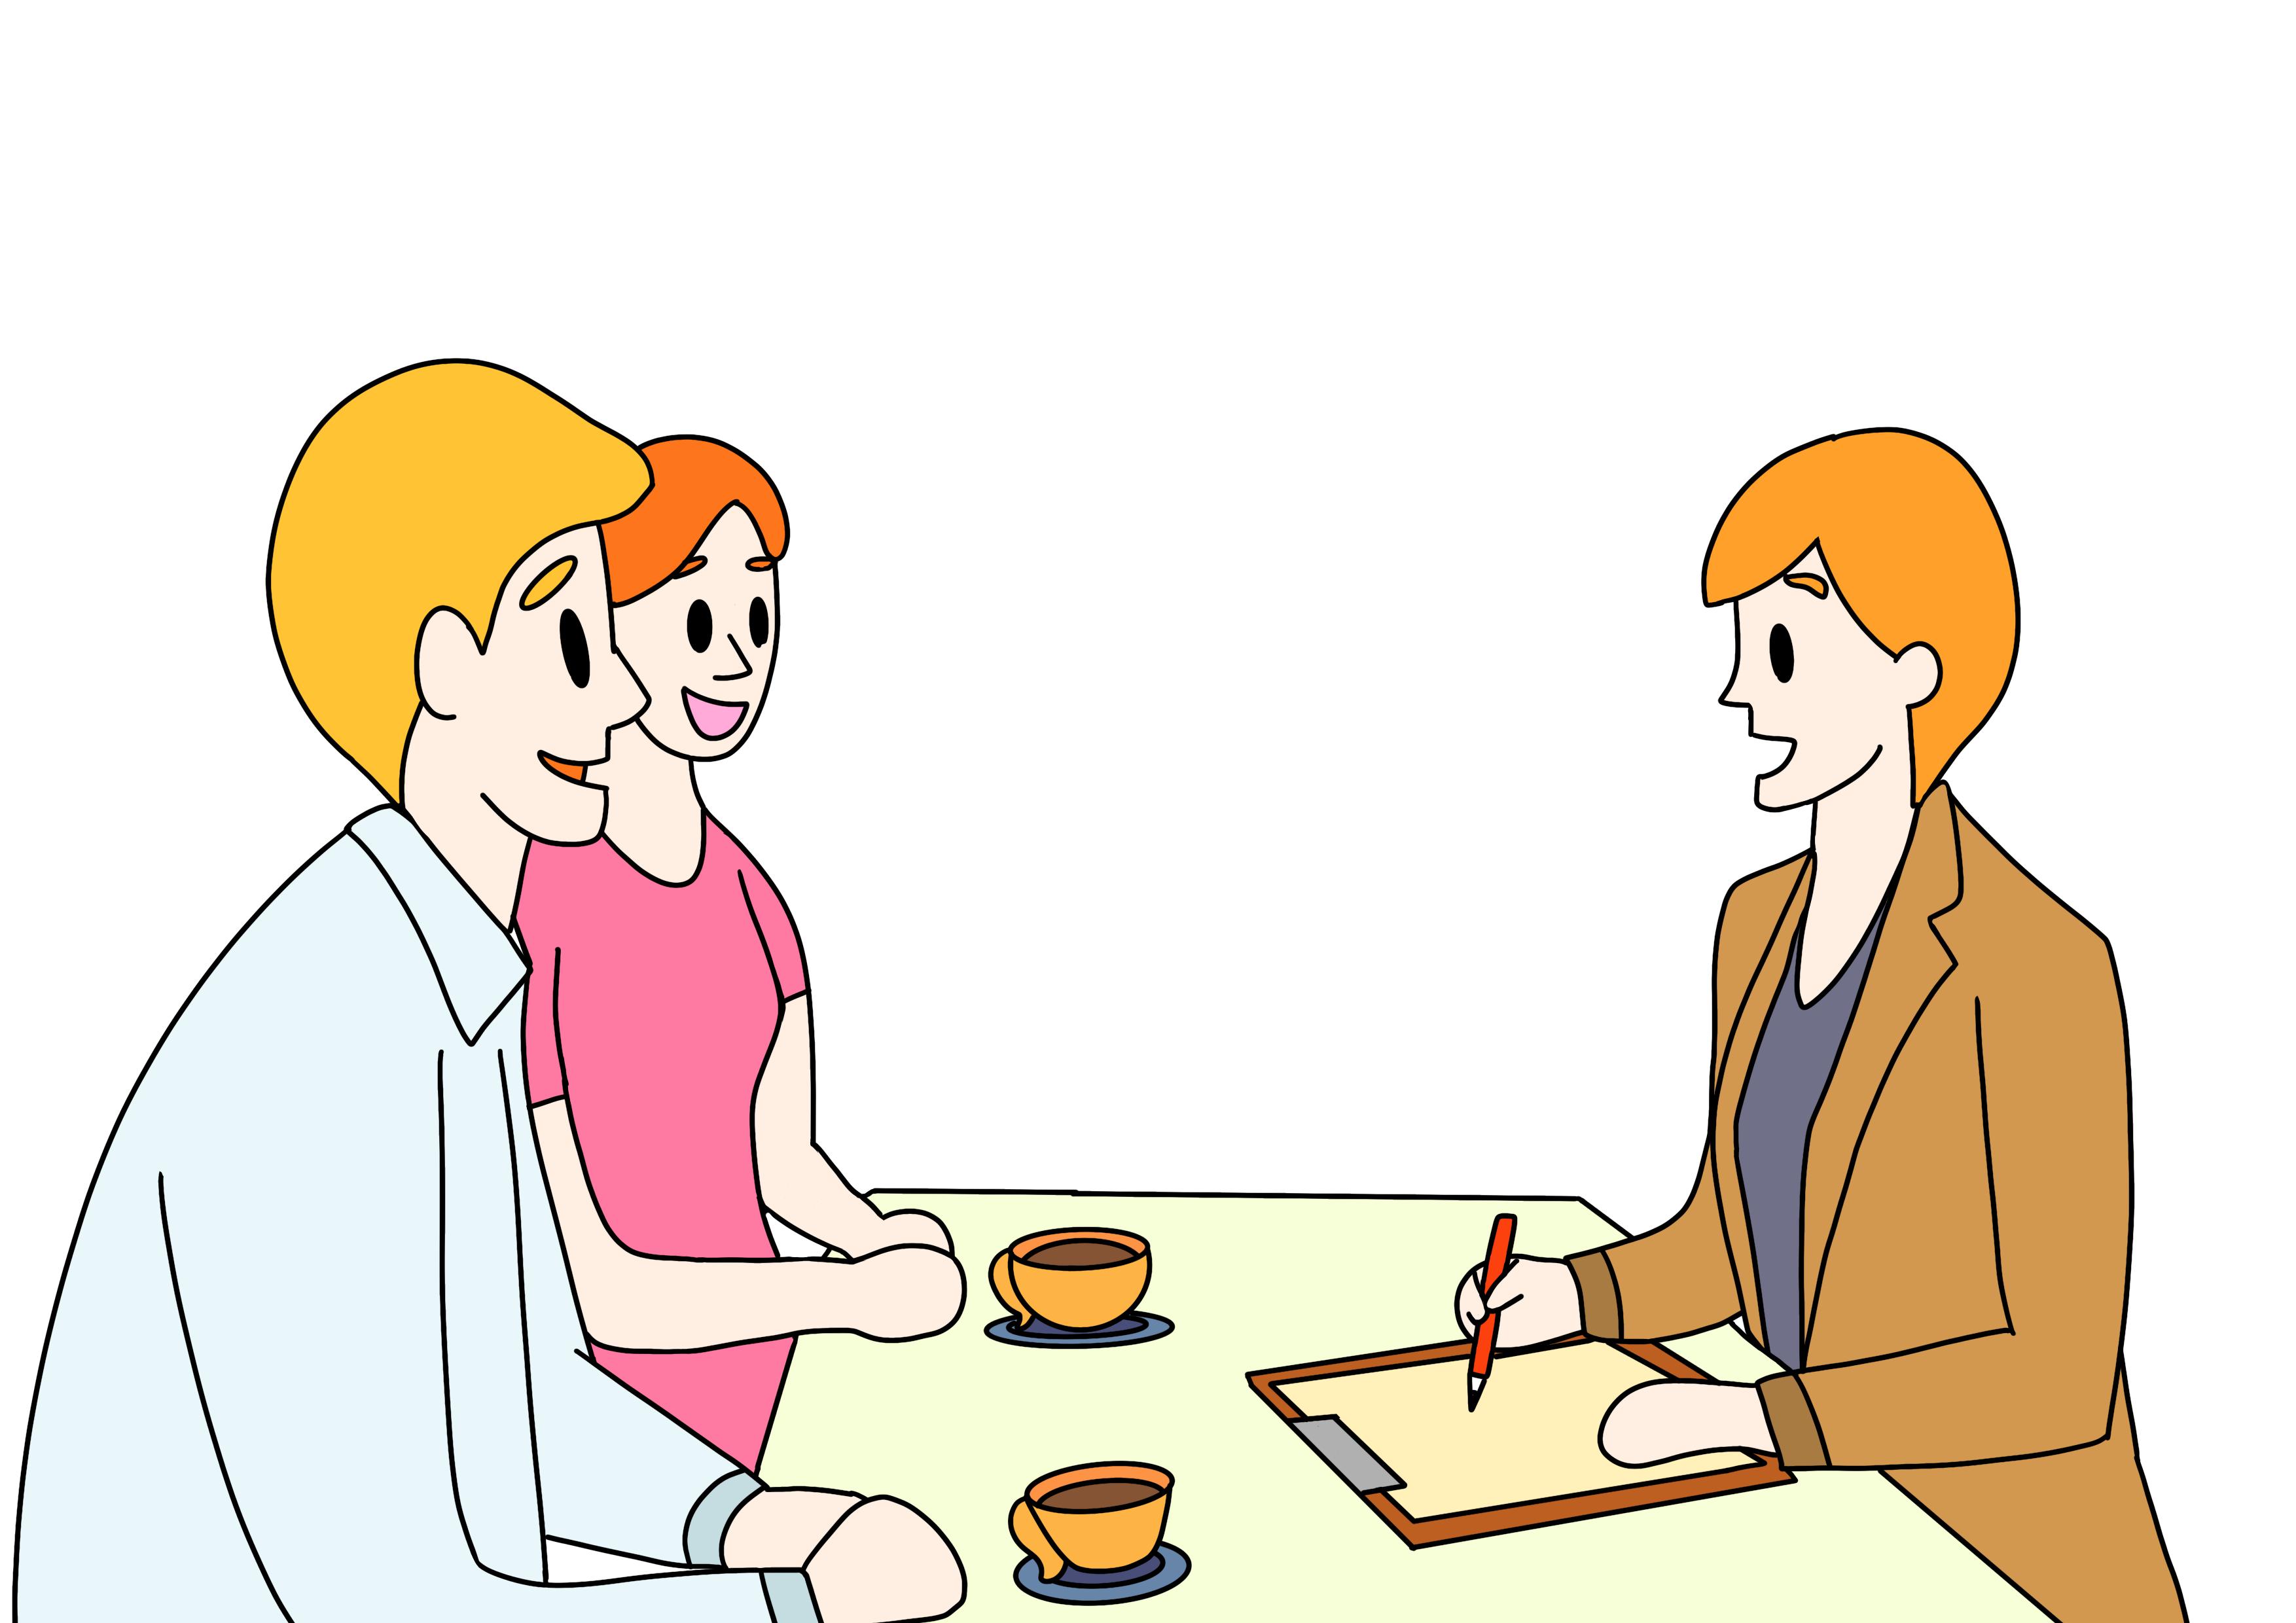 40課イラスト【相談する/カウンセリング】